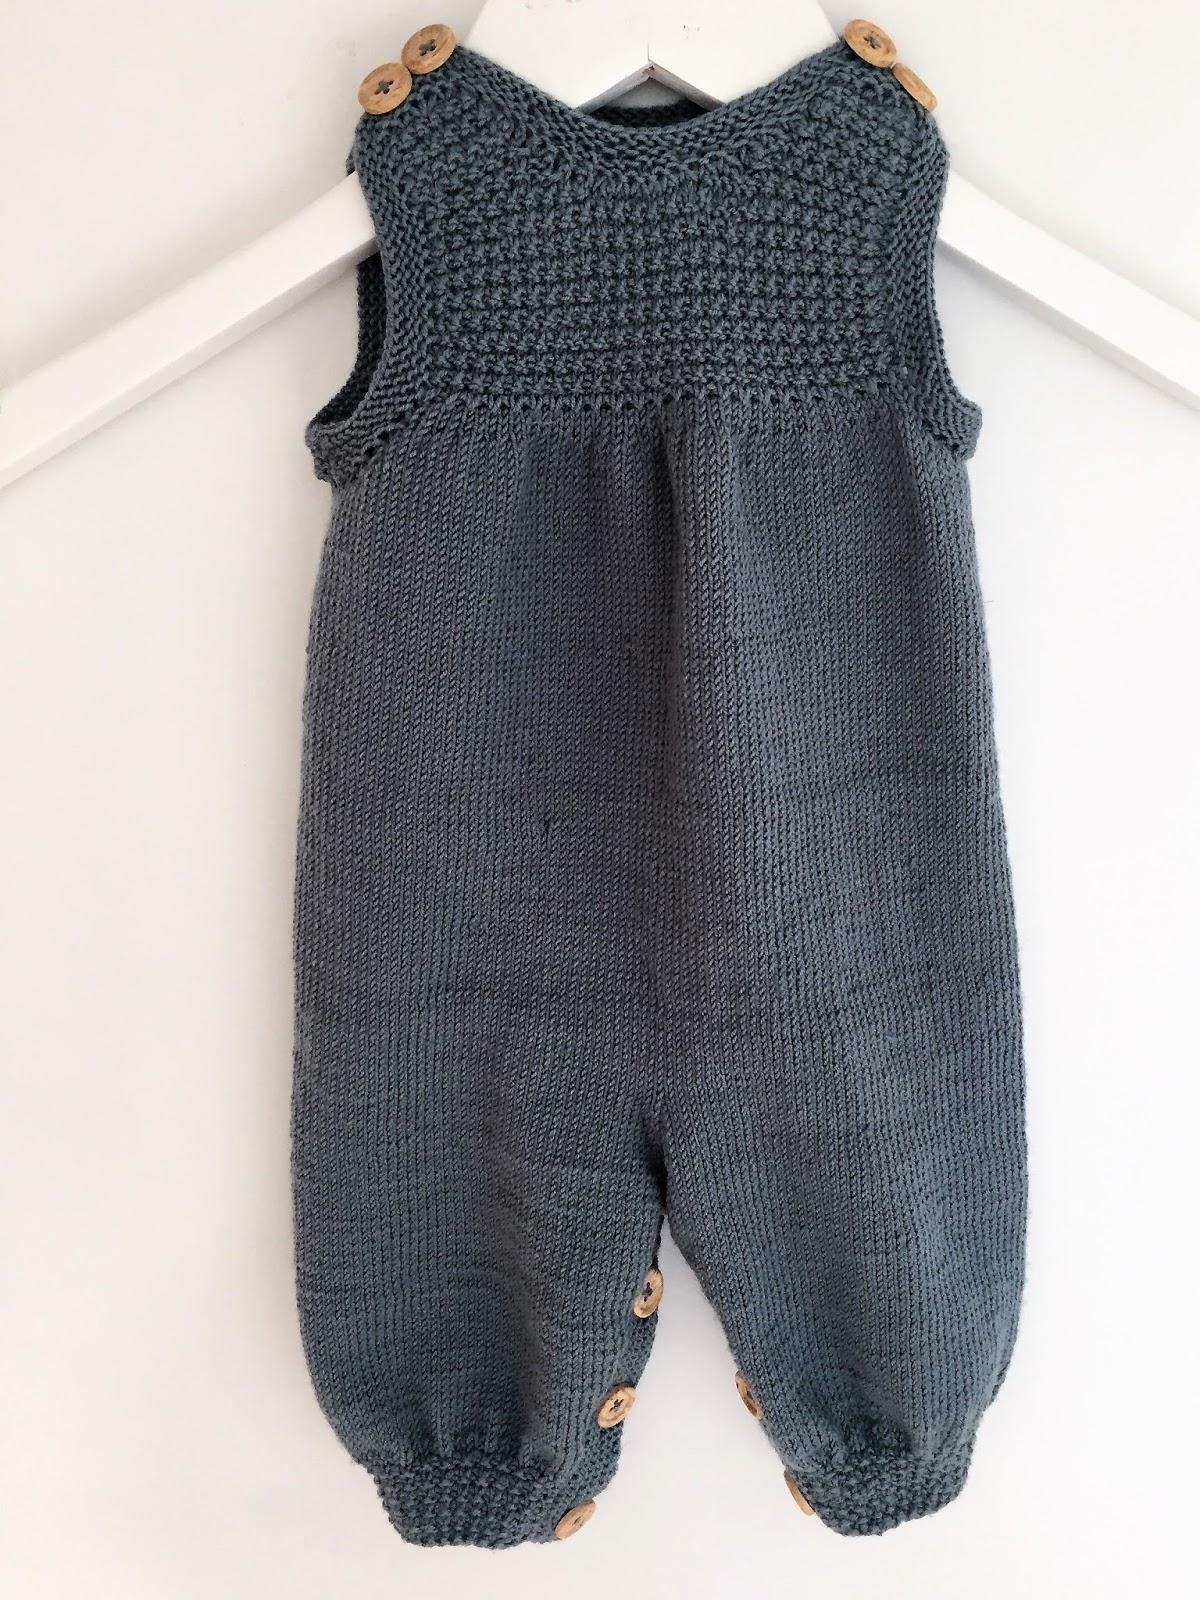 860fb5e4 Oppskrift på strikket ballongbukse | Lisebethslykkebo